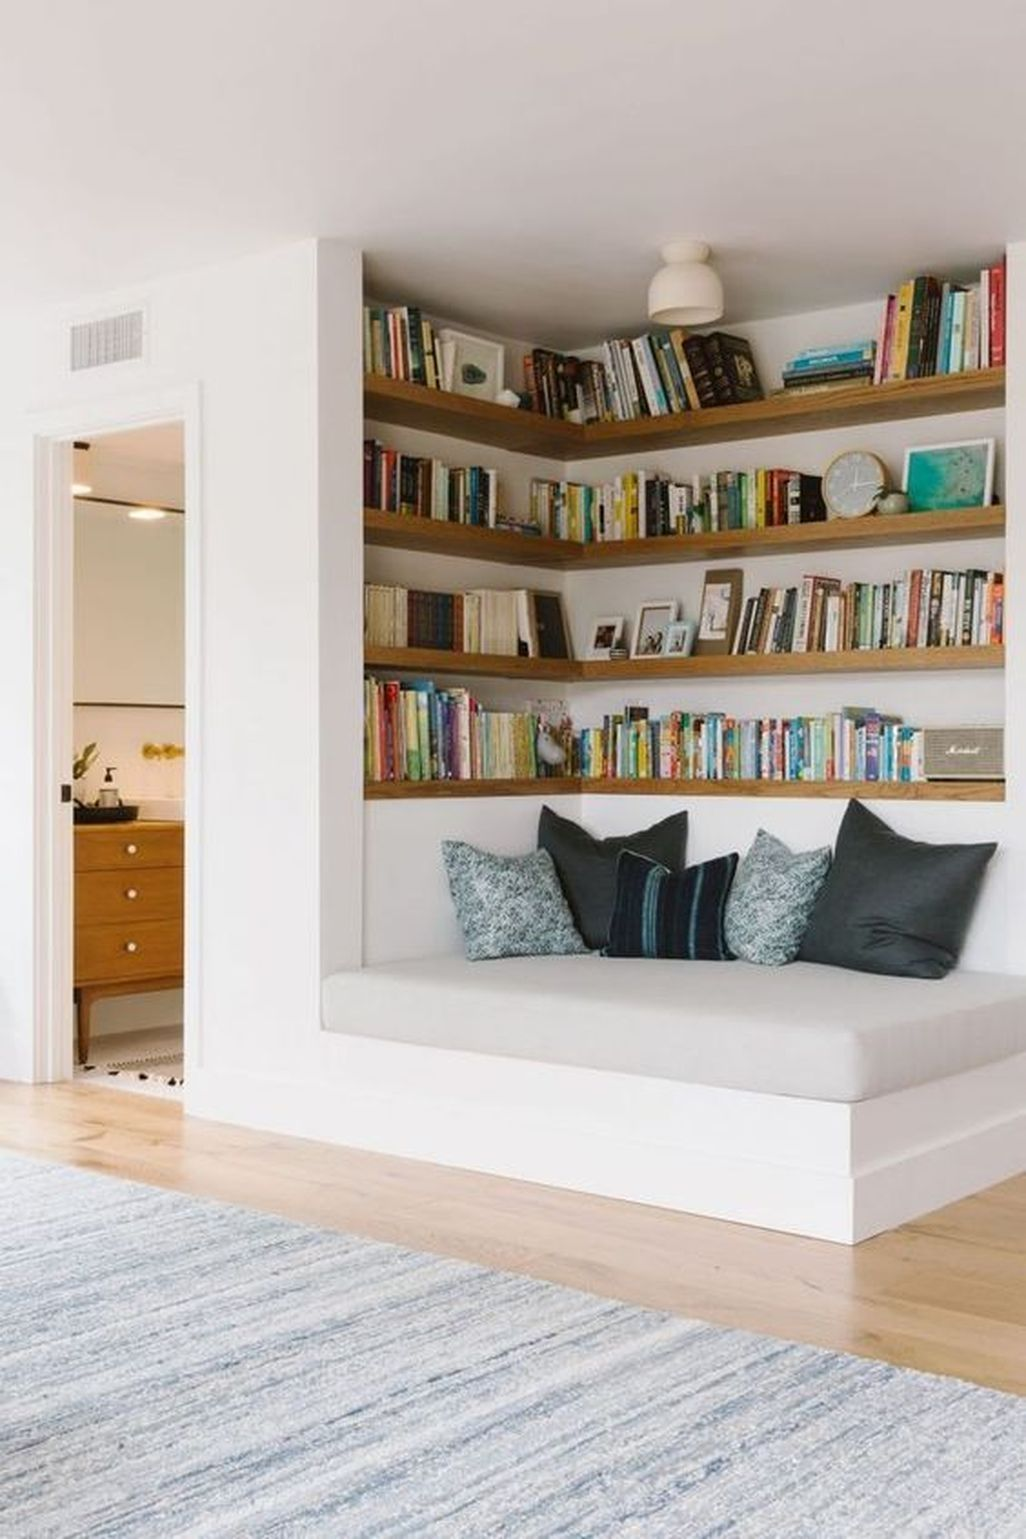 libreria ad angolo | arredamento in 2019 | Arredamento casa ...